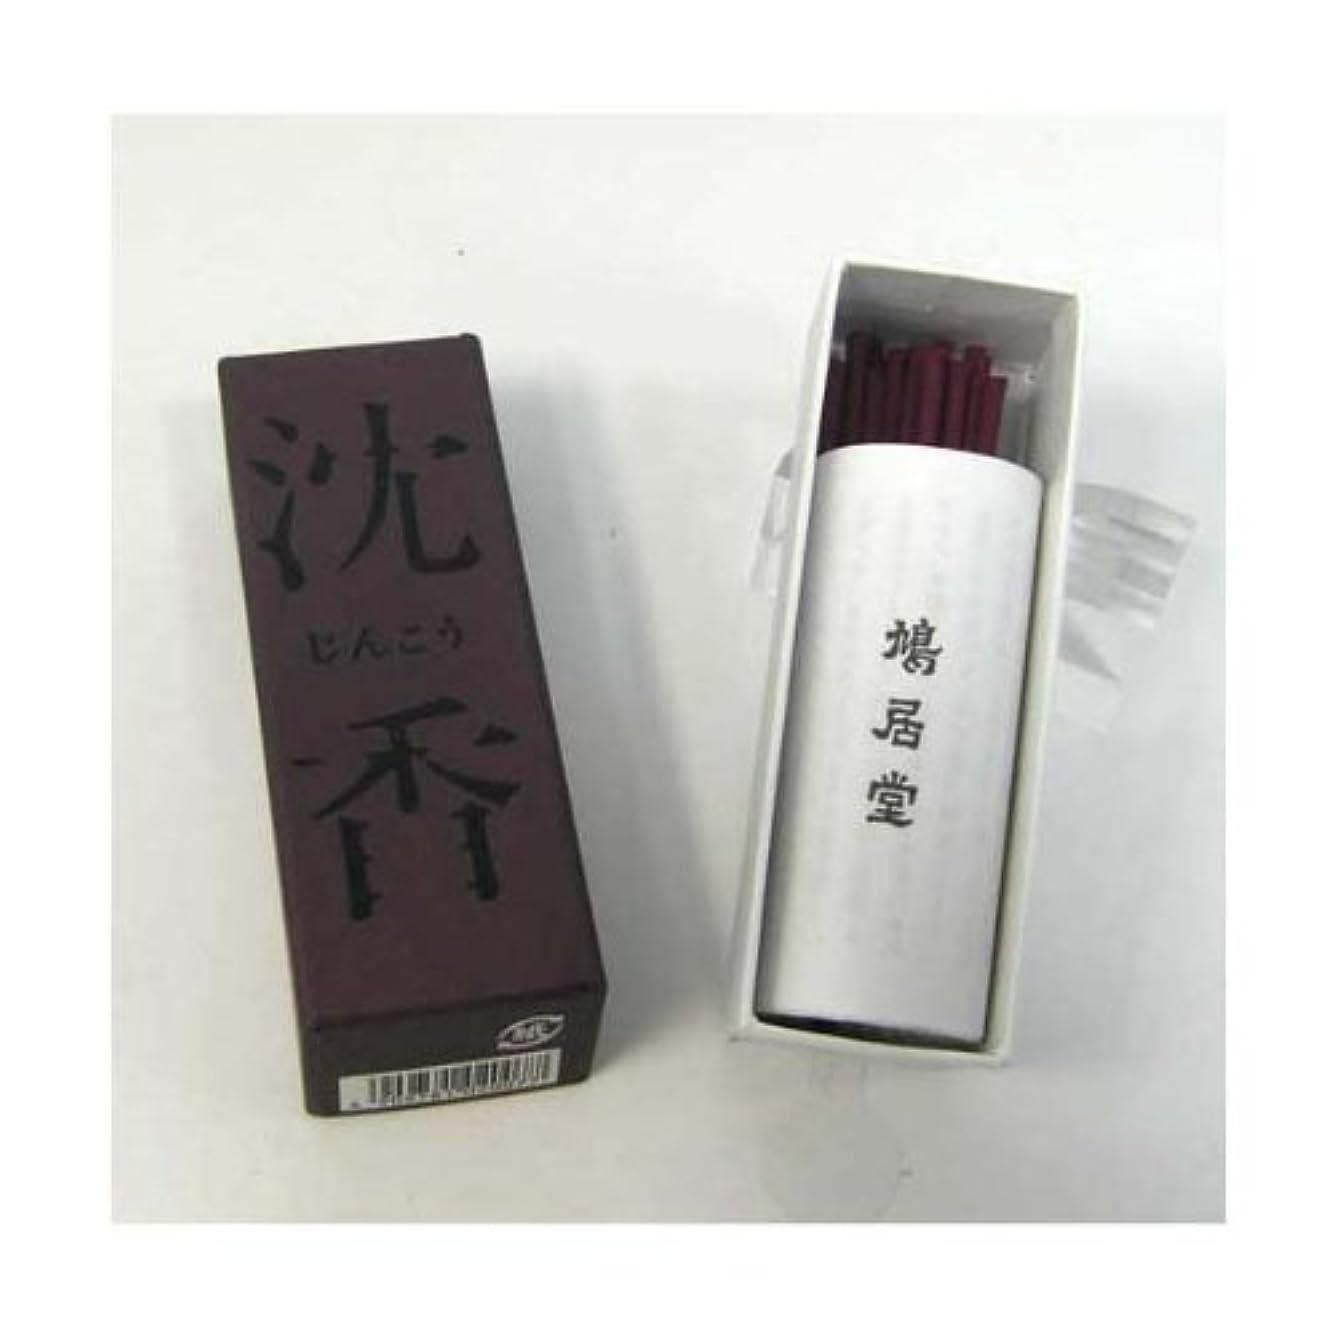 革命的繊細ひねり鳩居堂 お香 沈香 香木の香りシリーズ スティックタイプ(棒状香)20本いり